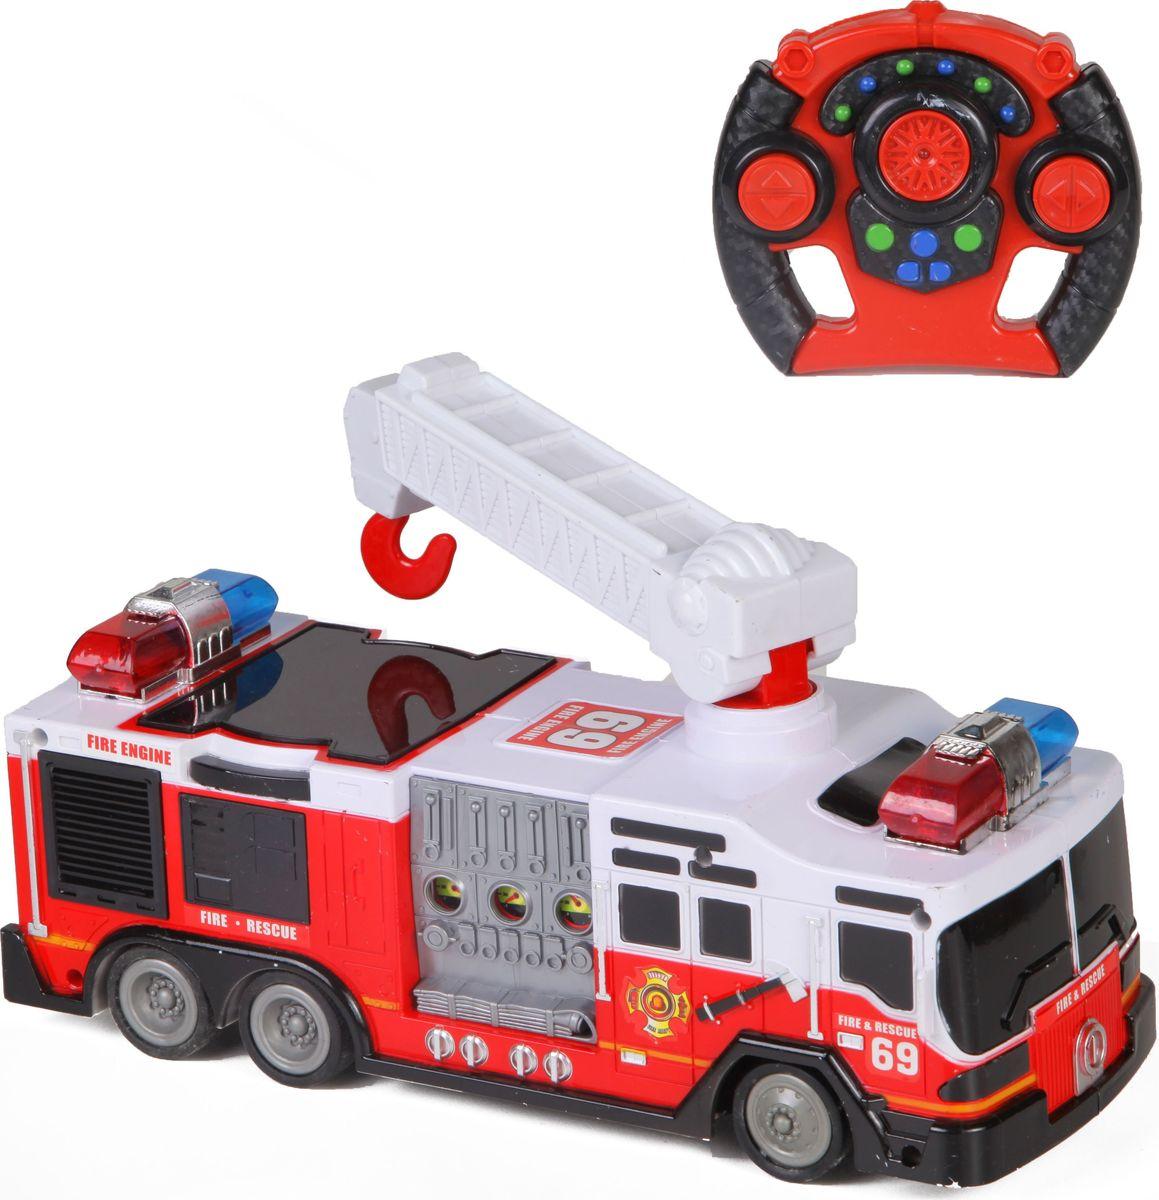 """Радиоуправляемая машина """"Пожарная"""" от торговой марки Yako представляет собой стильную модель одного из видов техники специального назначения. Она сможет заинтересовать ребенка не только своим тематическим дизайном, но также некоторыми функциональными особенностями.На крыше транспортного средства установлена характерная лестница. Благодаря конструктивным особенностям ее можно вращать на 360°, поднимать и опускать, а также раздвигать и вытягивать, увеличивая в длину. Движениями самой машинки можно управлять на расстоянии с помощью пульта радиоуправления. Световые и звуковые эффекты, встроенные в игрушку, помогут реалистично сымитировать звук и мигание огней включенной сирены.Производитель оставляет за собой право изменить комплектацию товара без предварительного уведомления."""